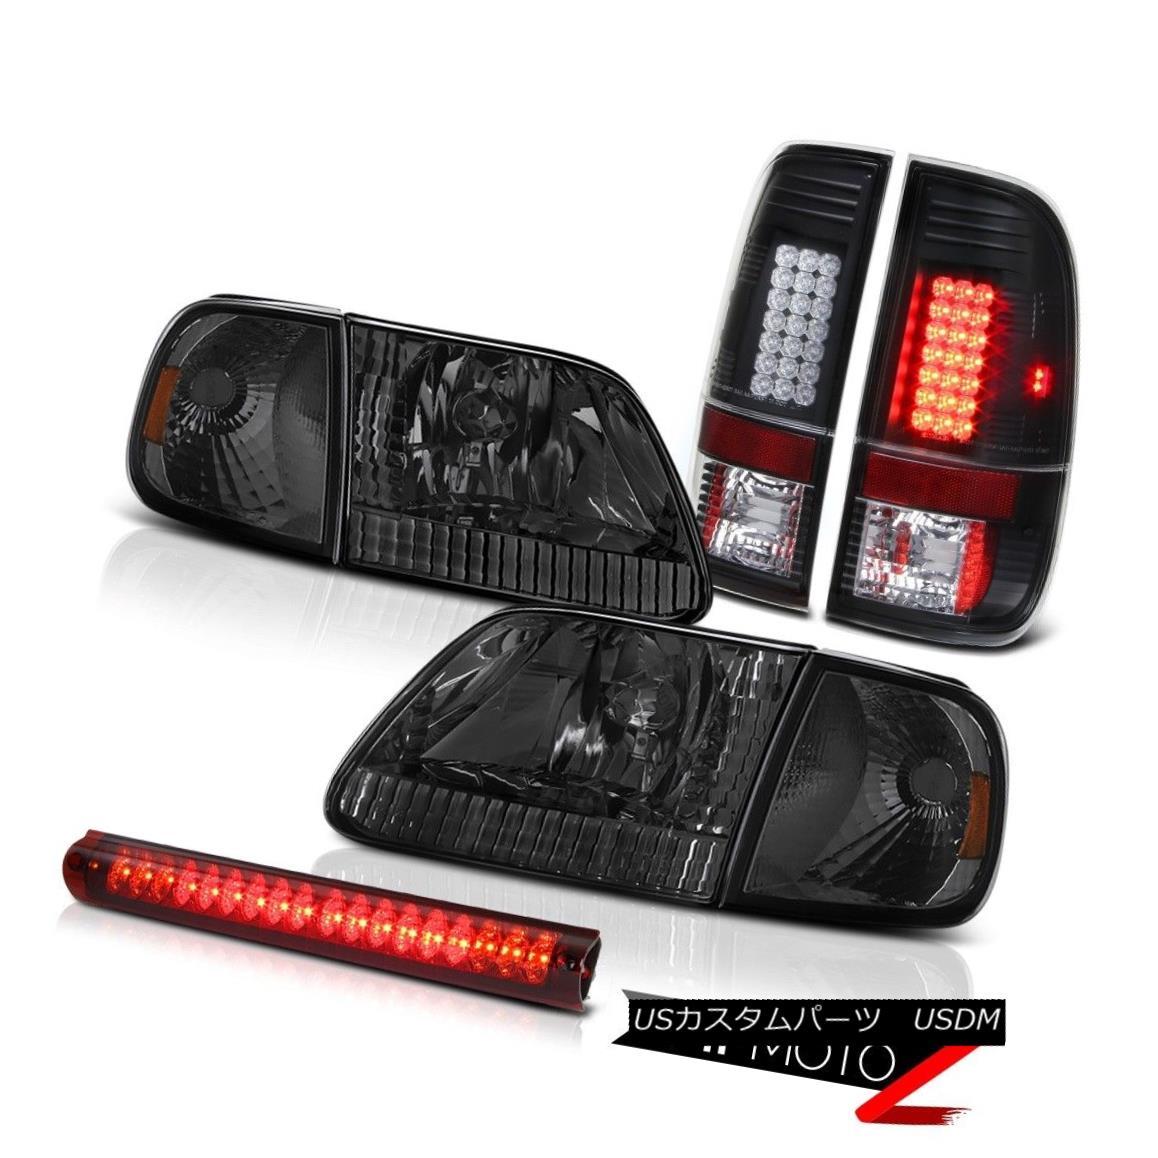 テールライト 97-03 F150 5.4L Smoke Corner+Headlights Black LED Tail Lights Roof Brake Cargo 97-03 F150 5.4Lスモークコーナー+ヘッドランプ htsブラックLEDテールライトルーフブレーキカーゴ